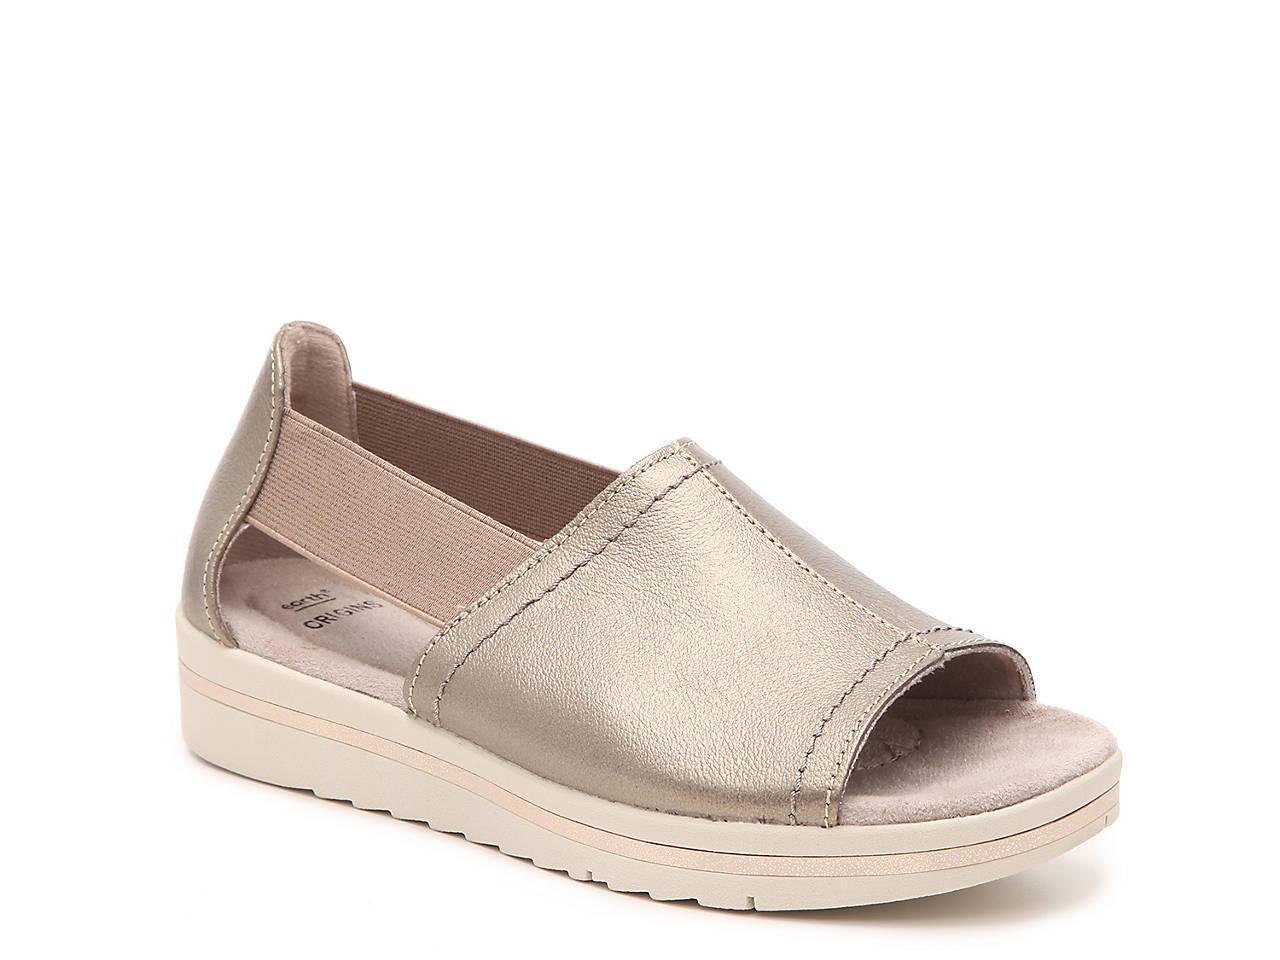 1bf5ddda08 Earth Origins Carley Connie Wedge Sandal Women's Shoes | DSW